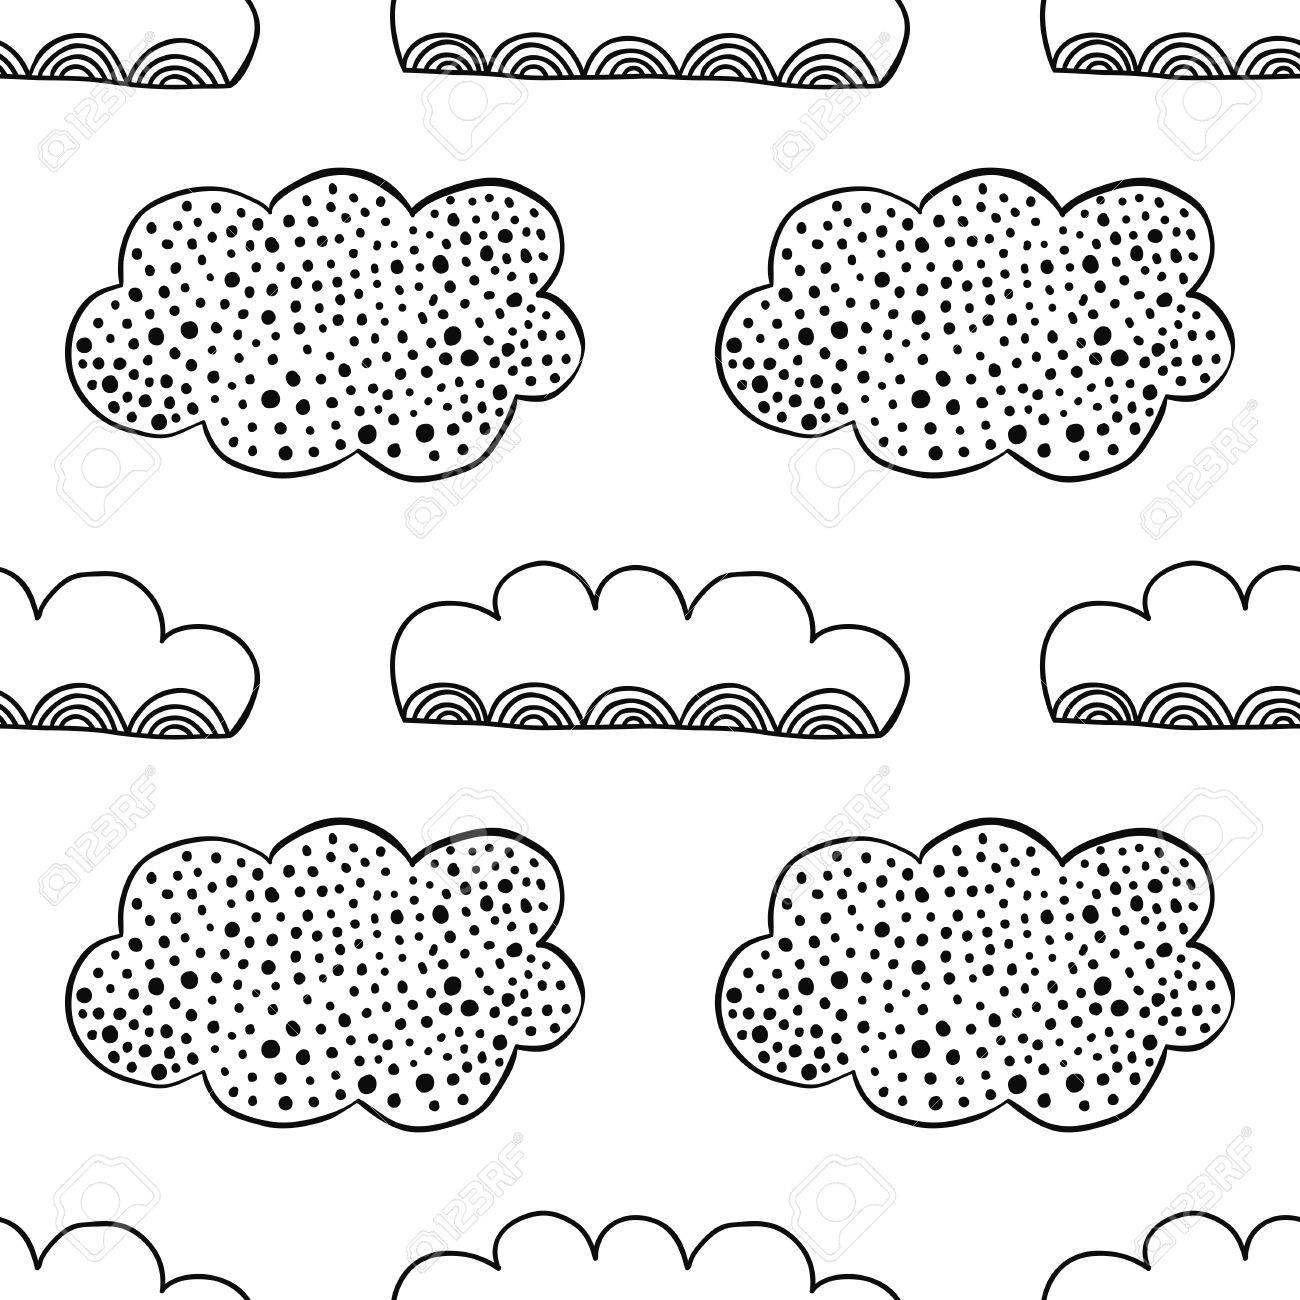 Nubes Decorativas. Ilustración En Blanco Y Negro, Patrón ...